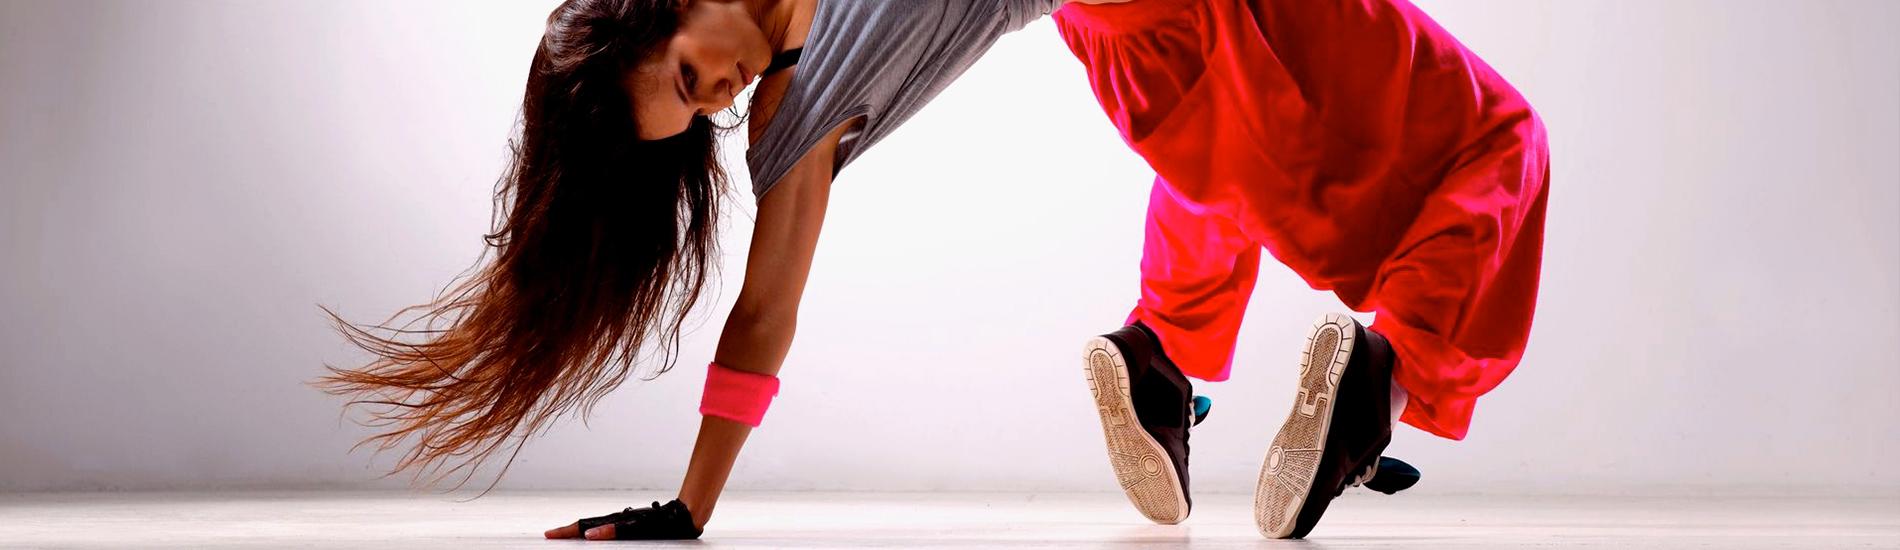 La danza come importante fattore di crescita psicofisica e culturale